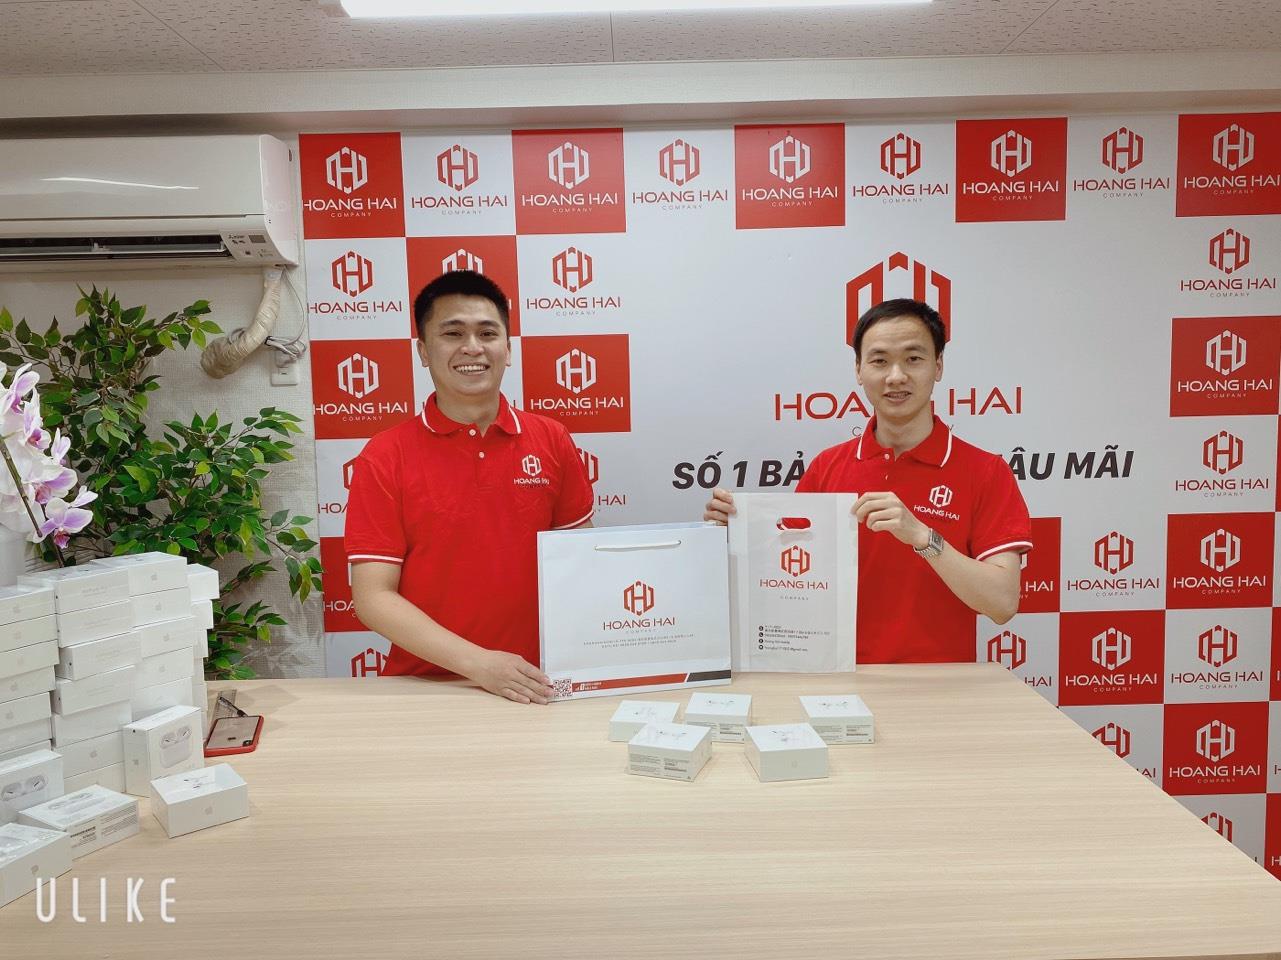 Hoàng Hải Mobile - Hành trình khẳng định thương hiệu Việt tại xứ sở hoa anh đào - Ảnh 3.